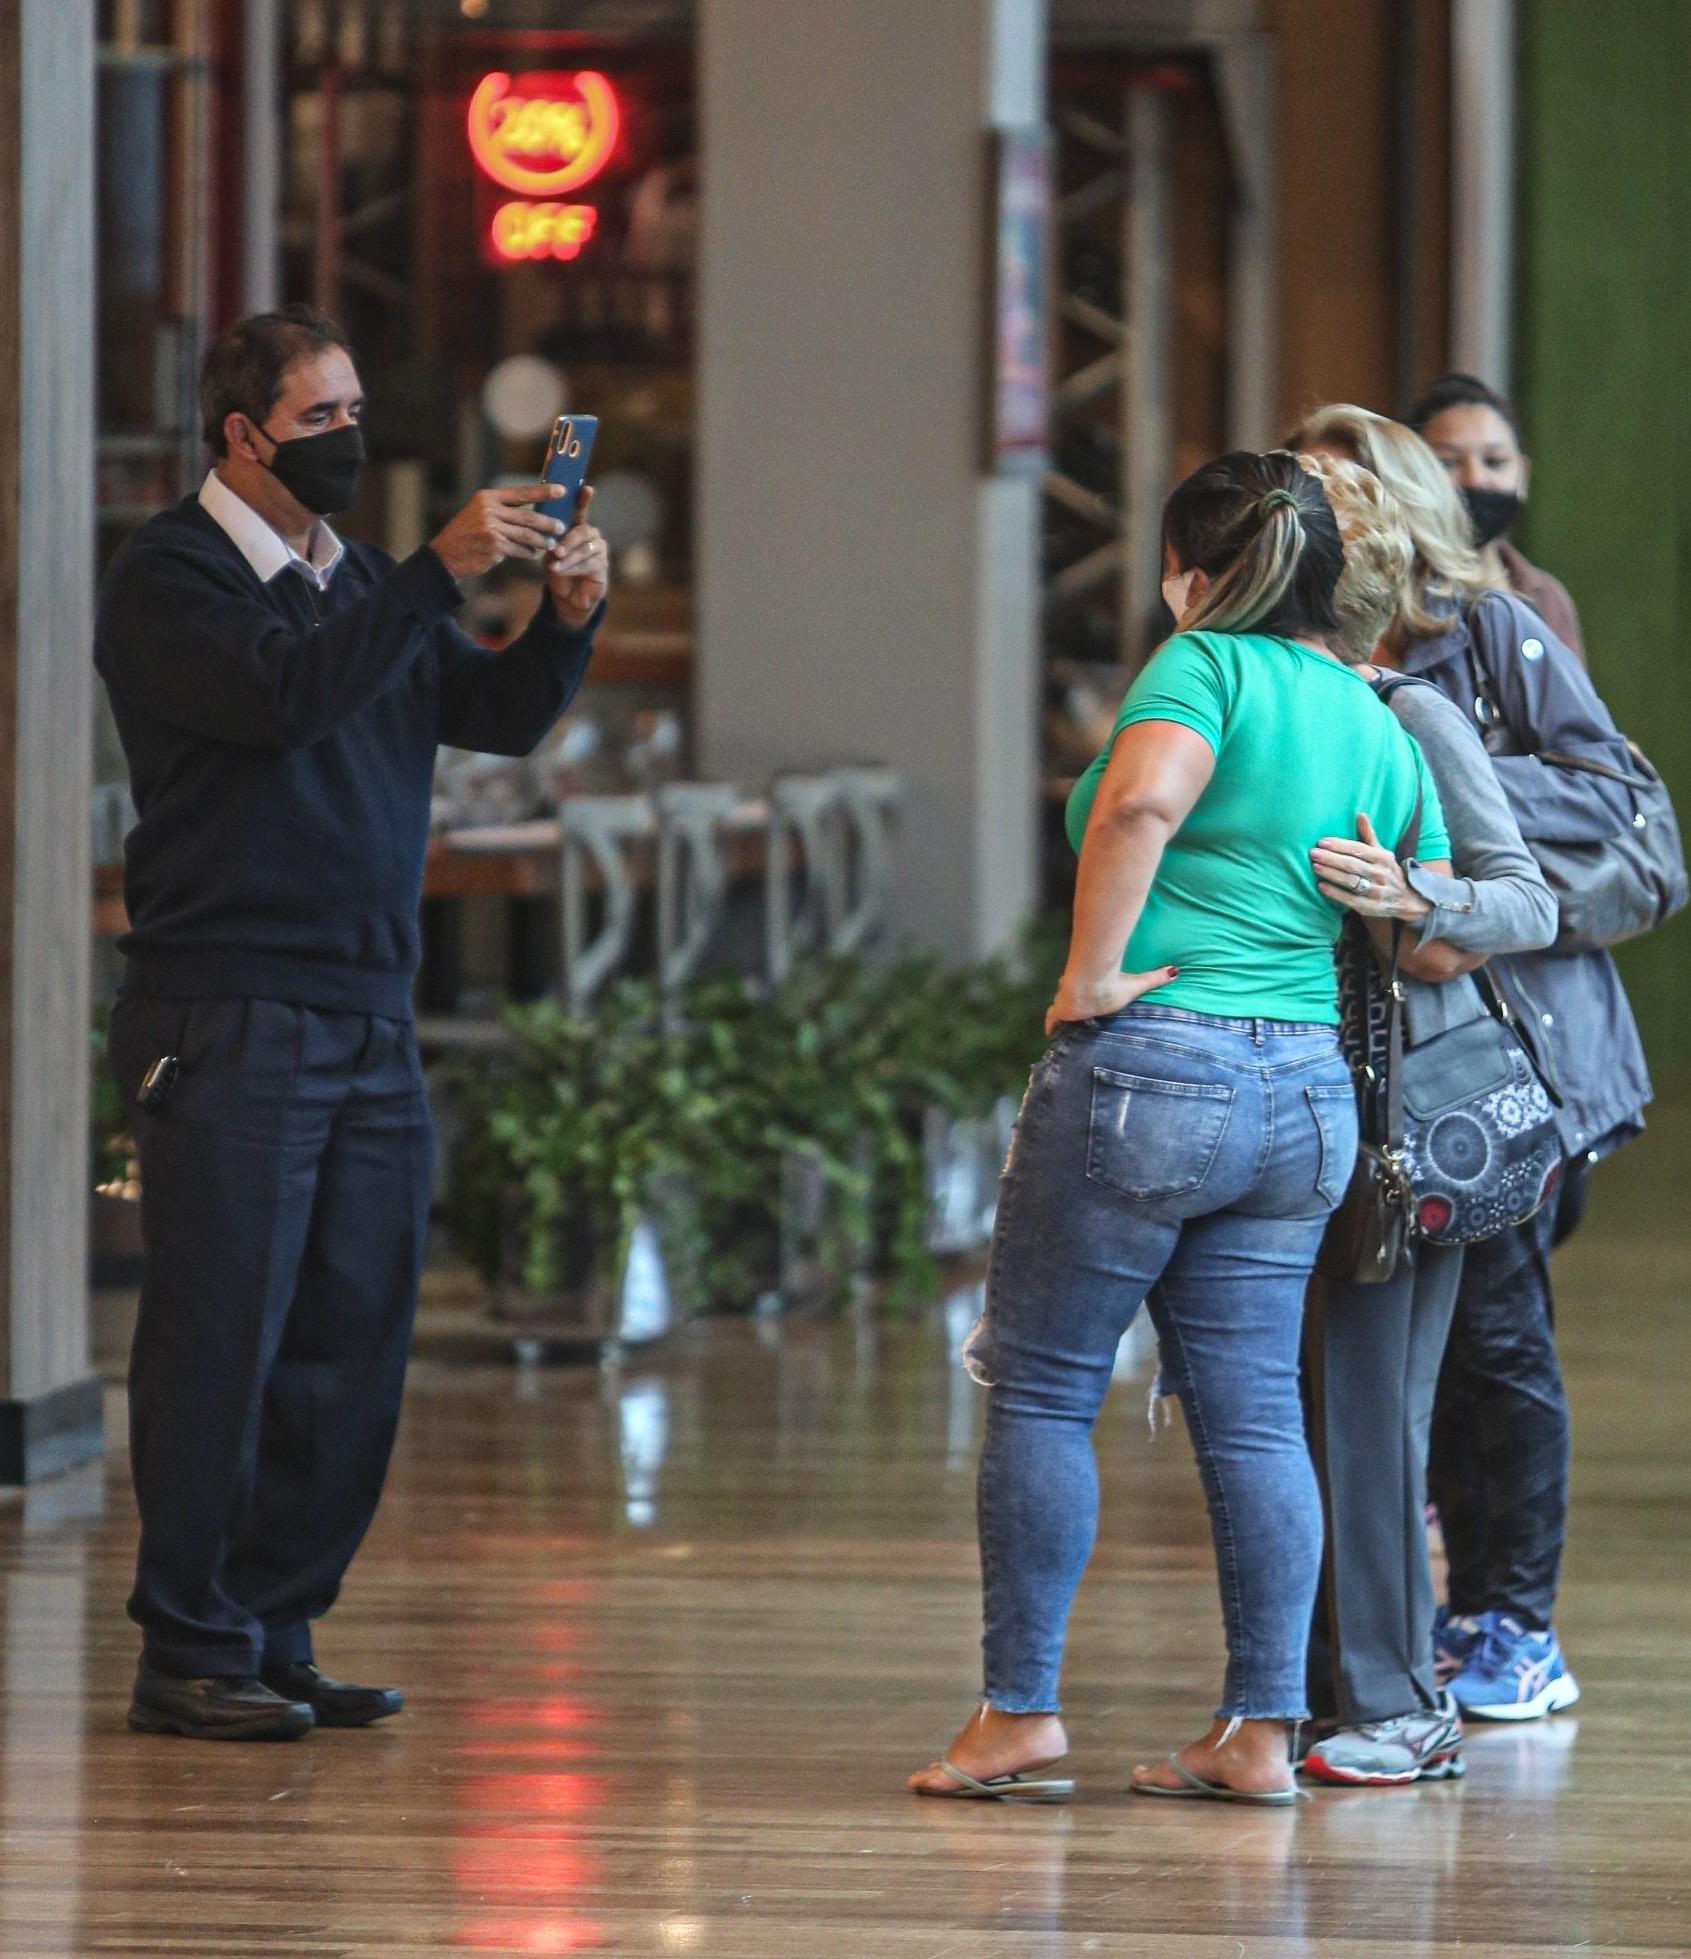 Atriz posou para fotos com fãs e fez o gesto de coração. Glória Menezes faz primeira aparição após morte de Tarcísio Meira